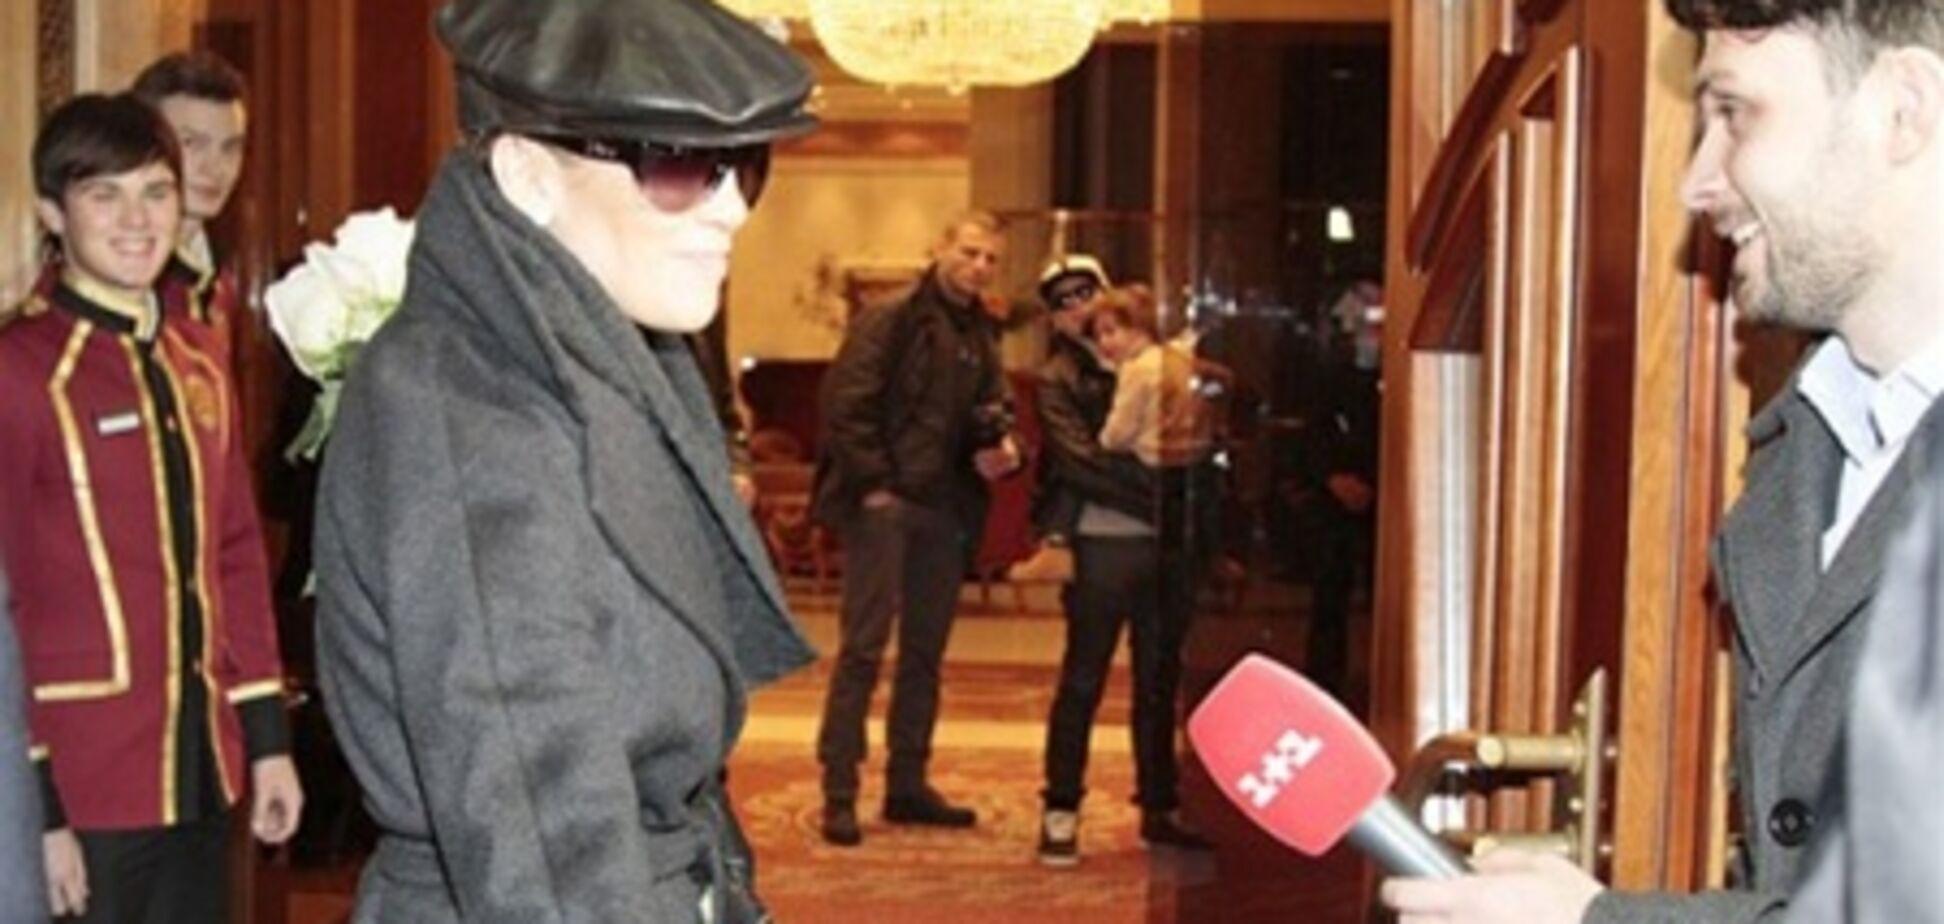 Джей Ло вже в Києві. Фото